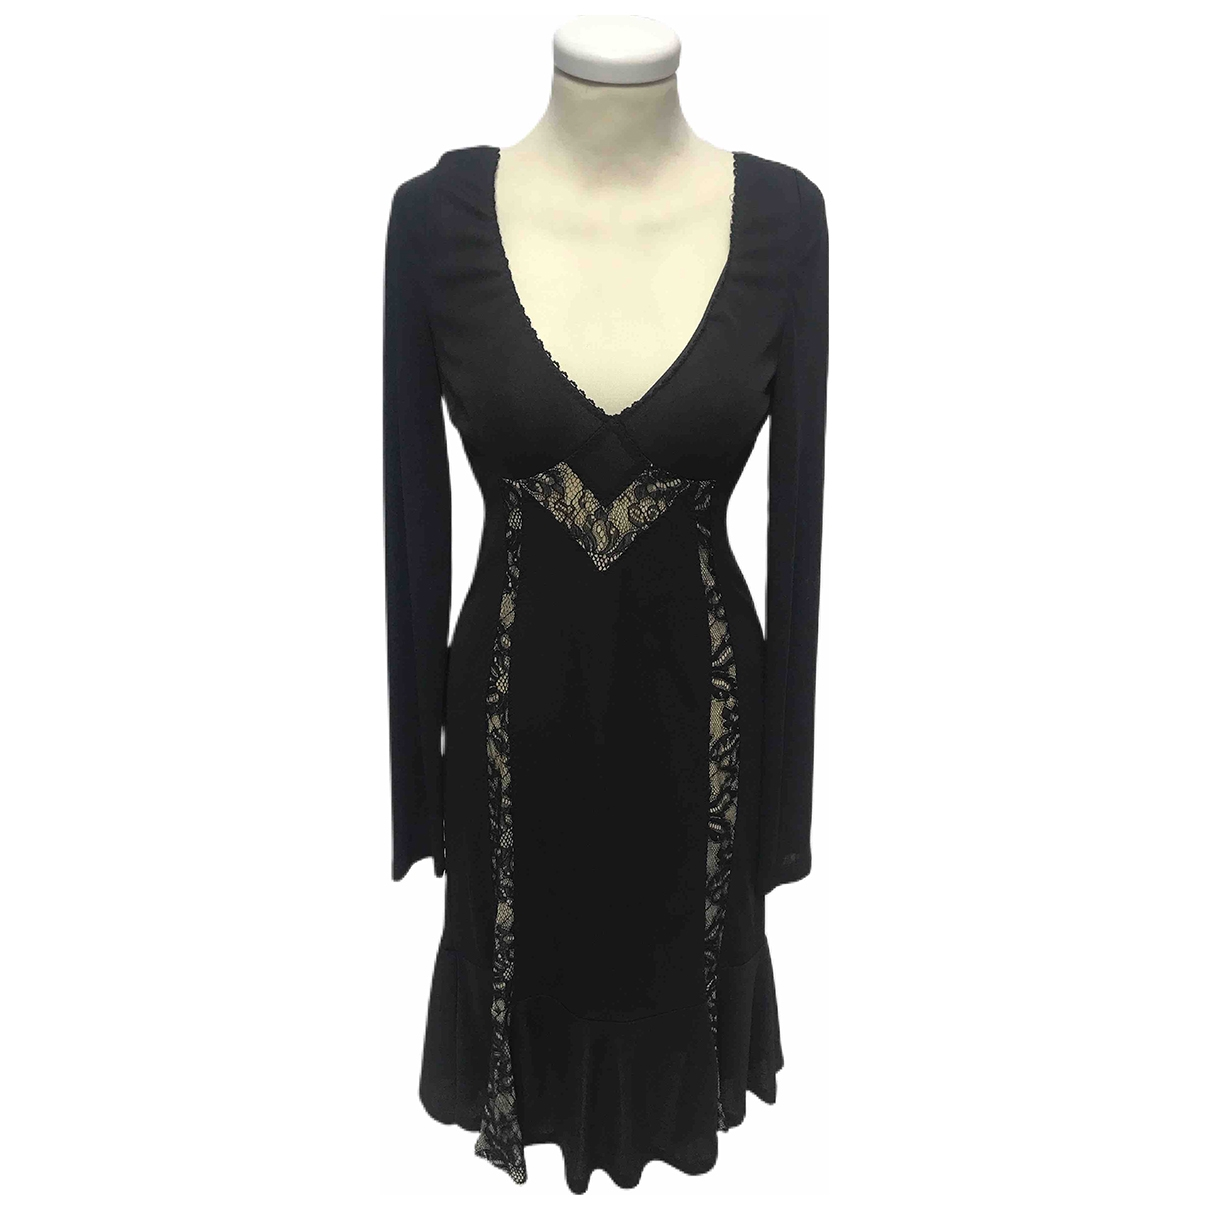 D&g \N Kleid in  Schwarz Polyester